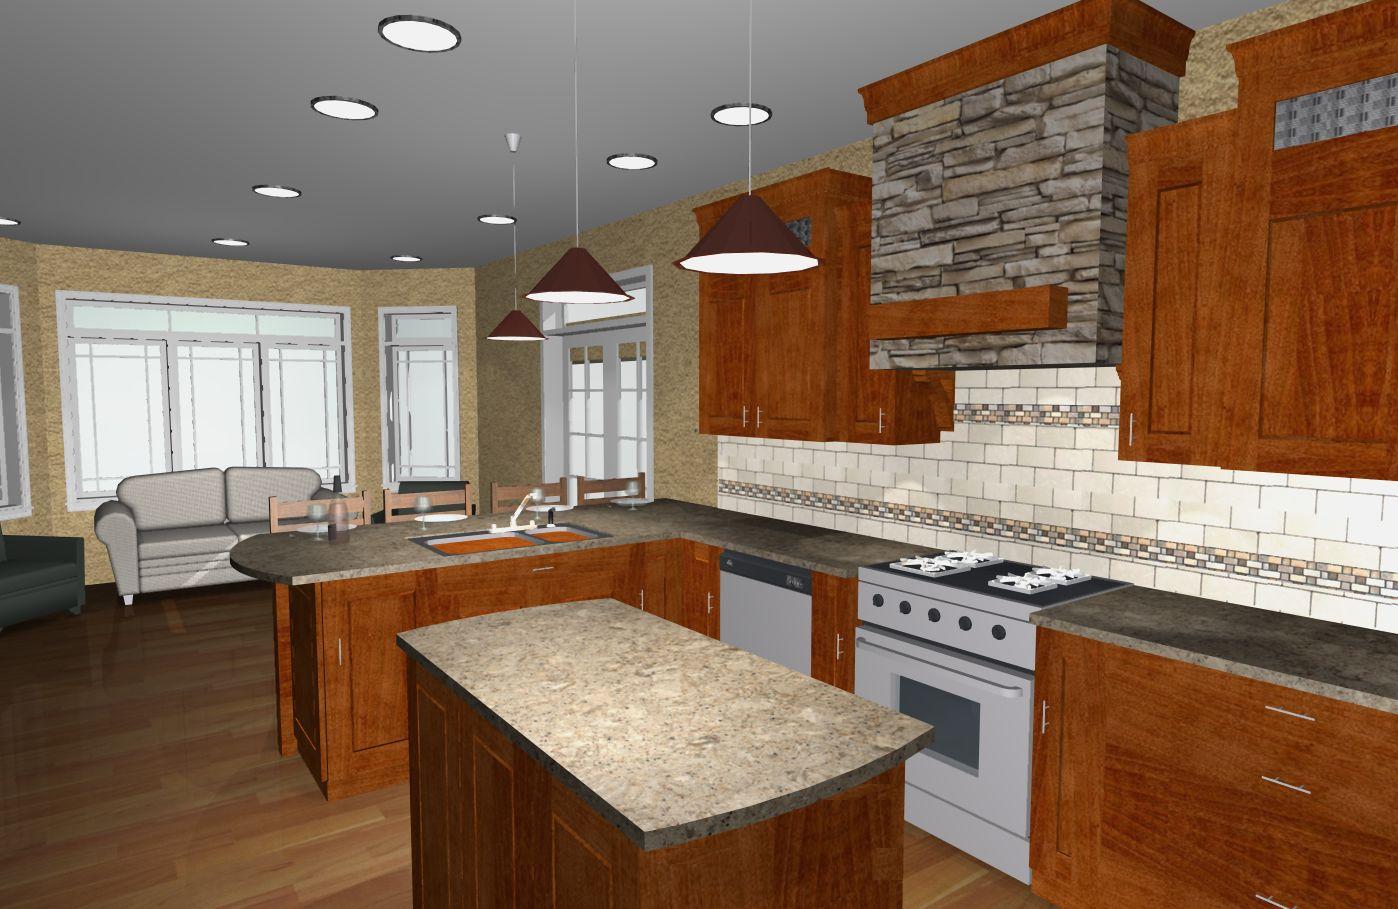 H Kitchen Good 2